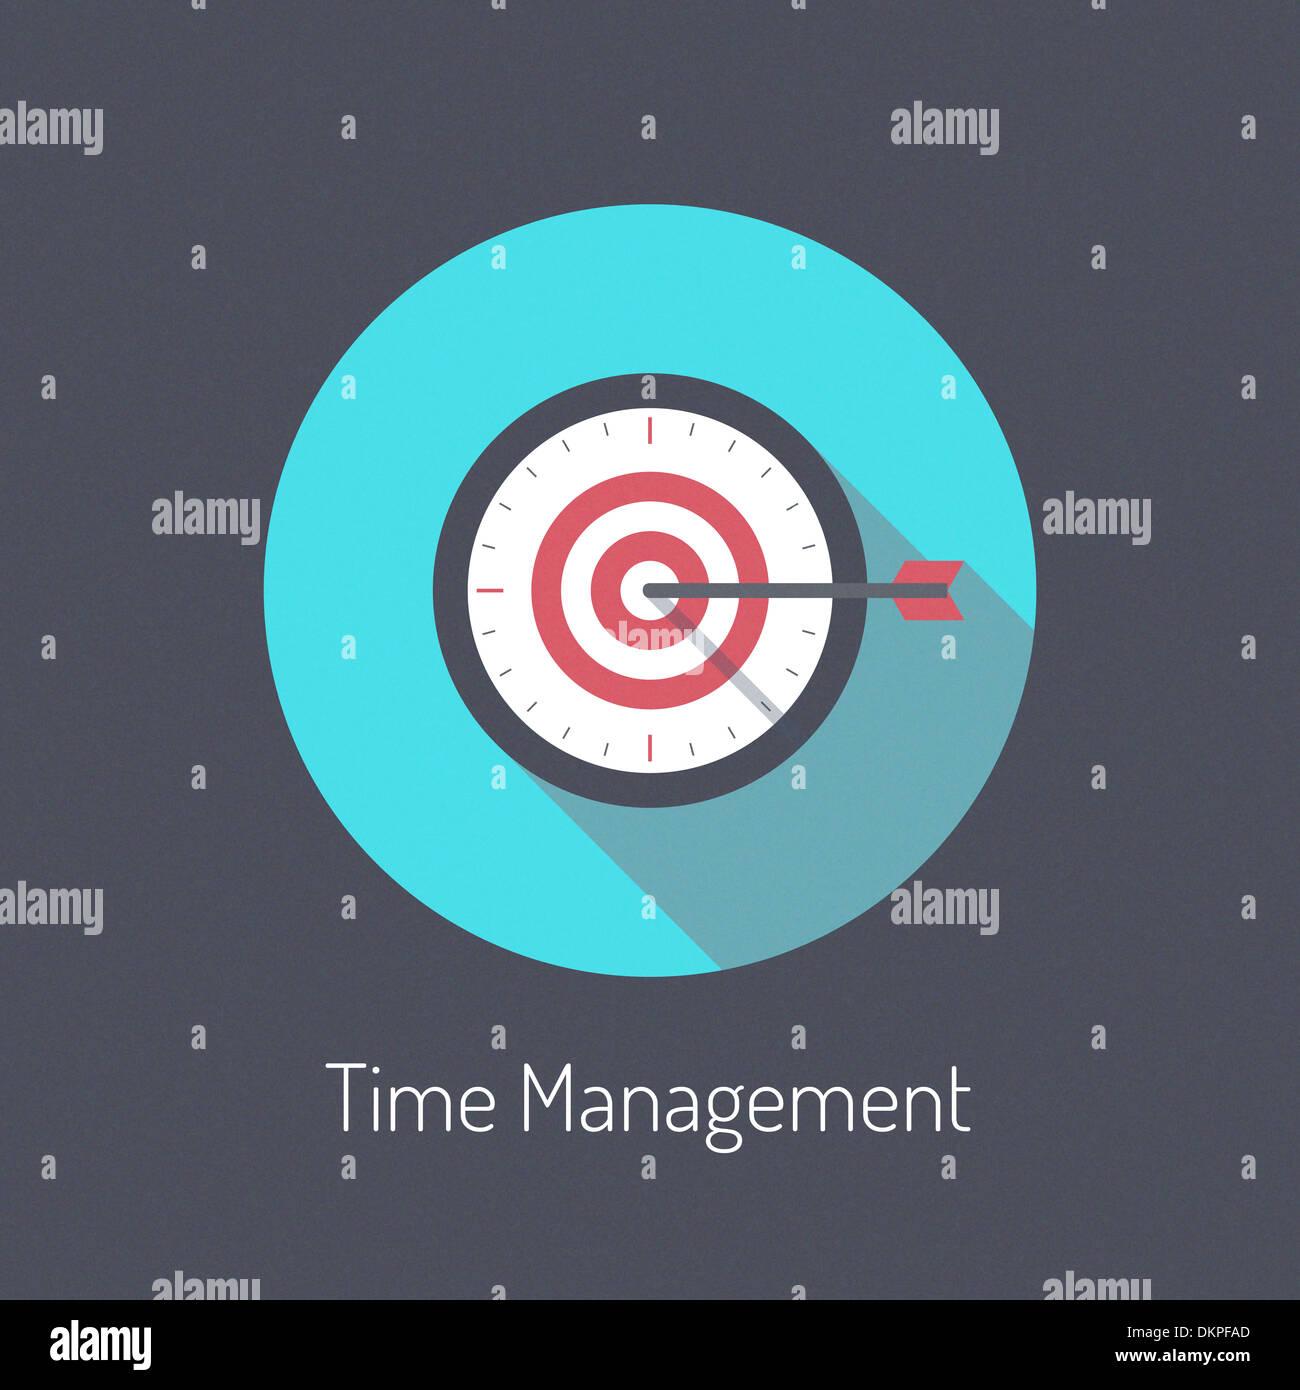 Flaches Design moderne Illustration Poster Konzept der Zeit Management Planungsprozess und Metapher Zeit ist Geld Stockbild